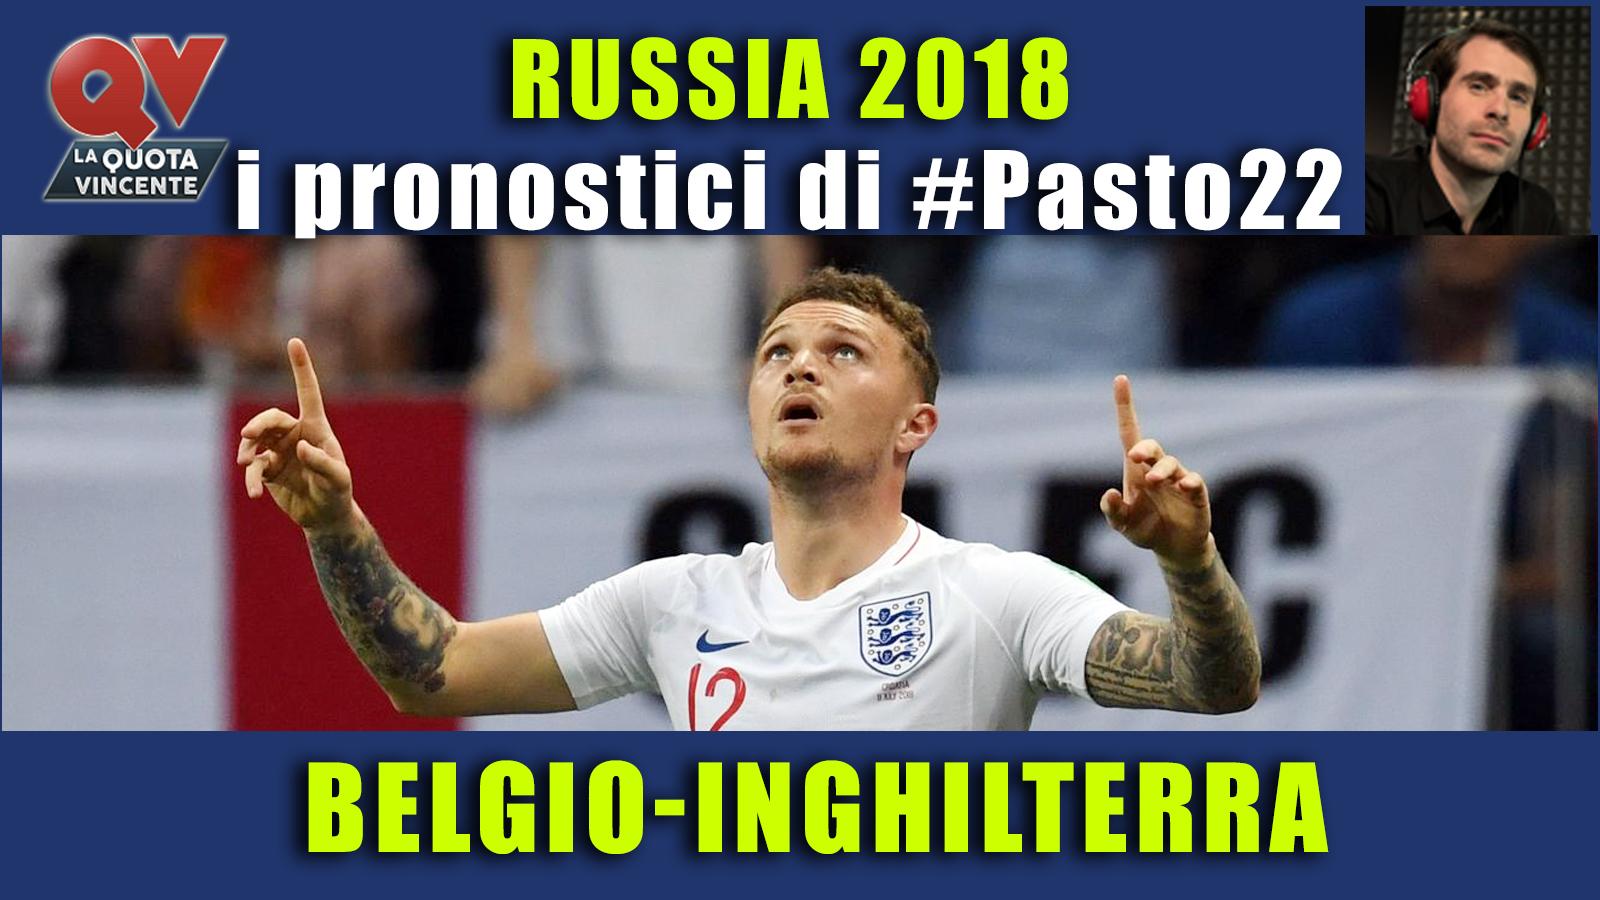 Pronostici Mondiali 14 luglio: le dritte di #Pasto22 a Russia 2018